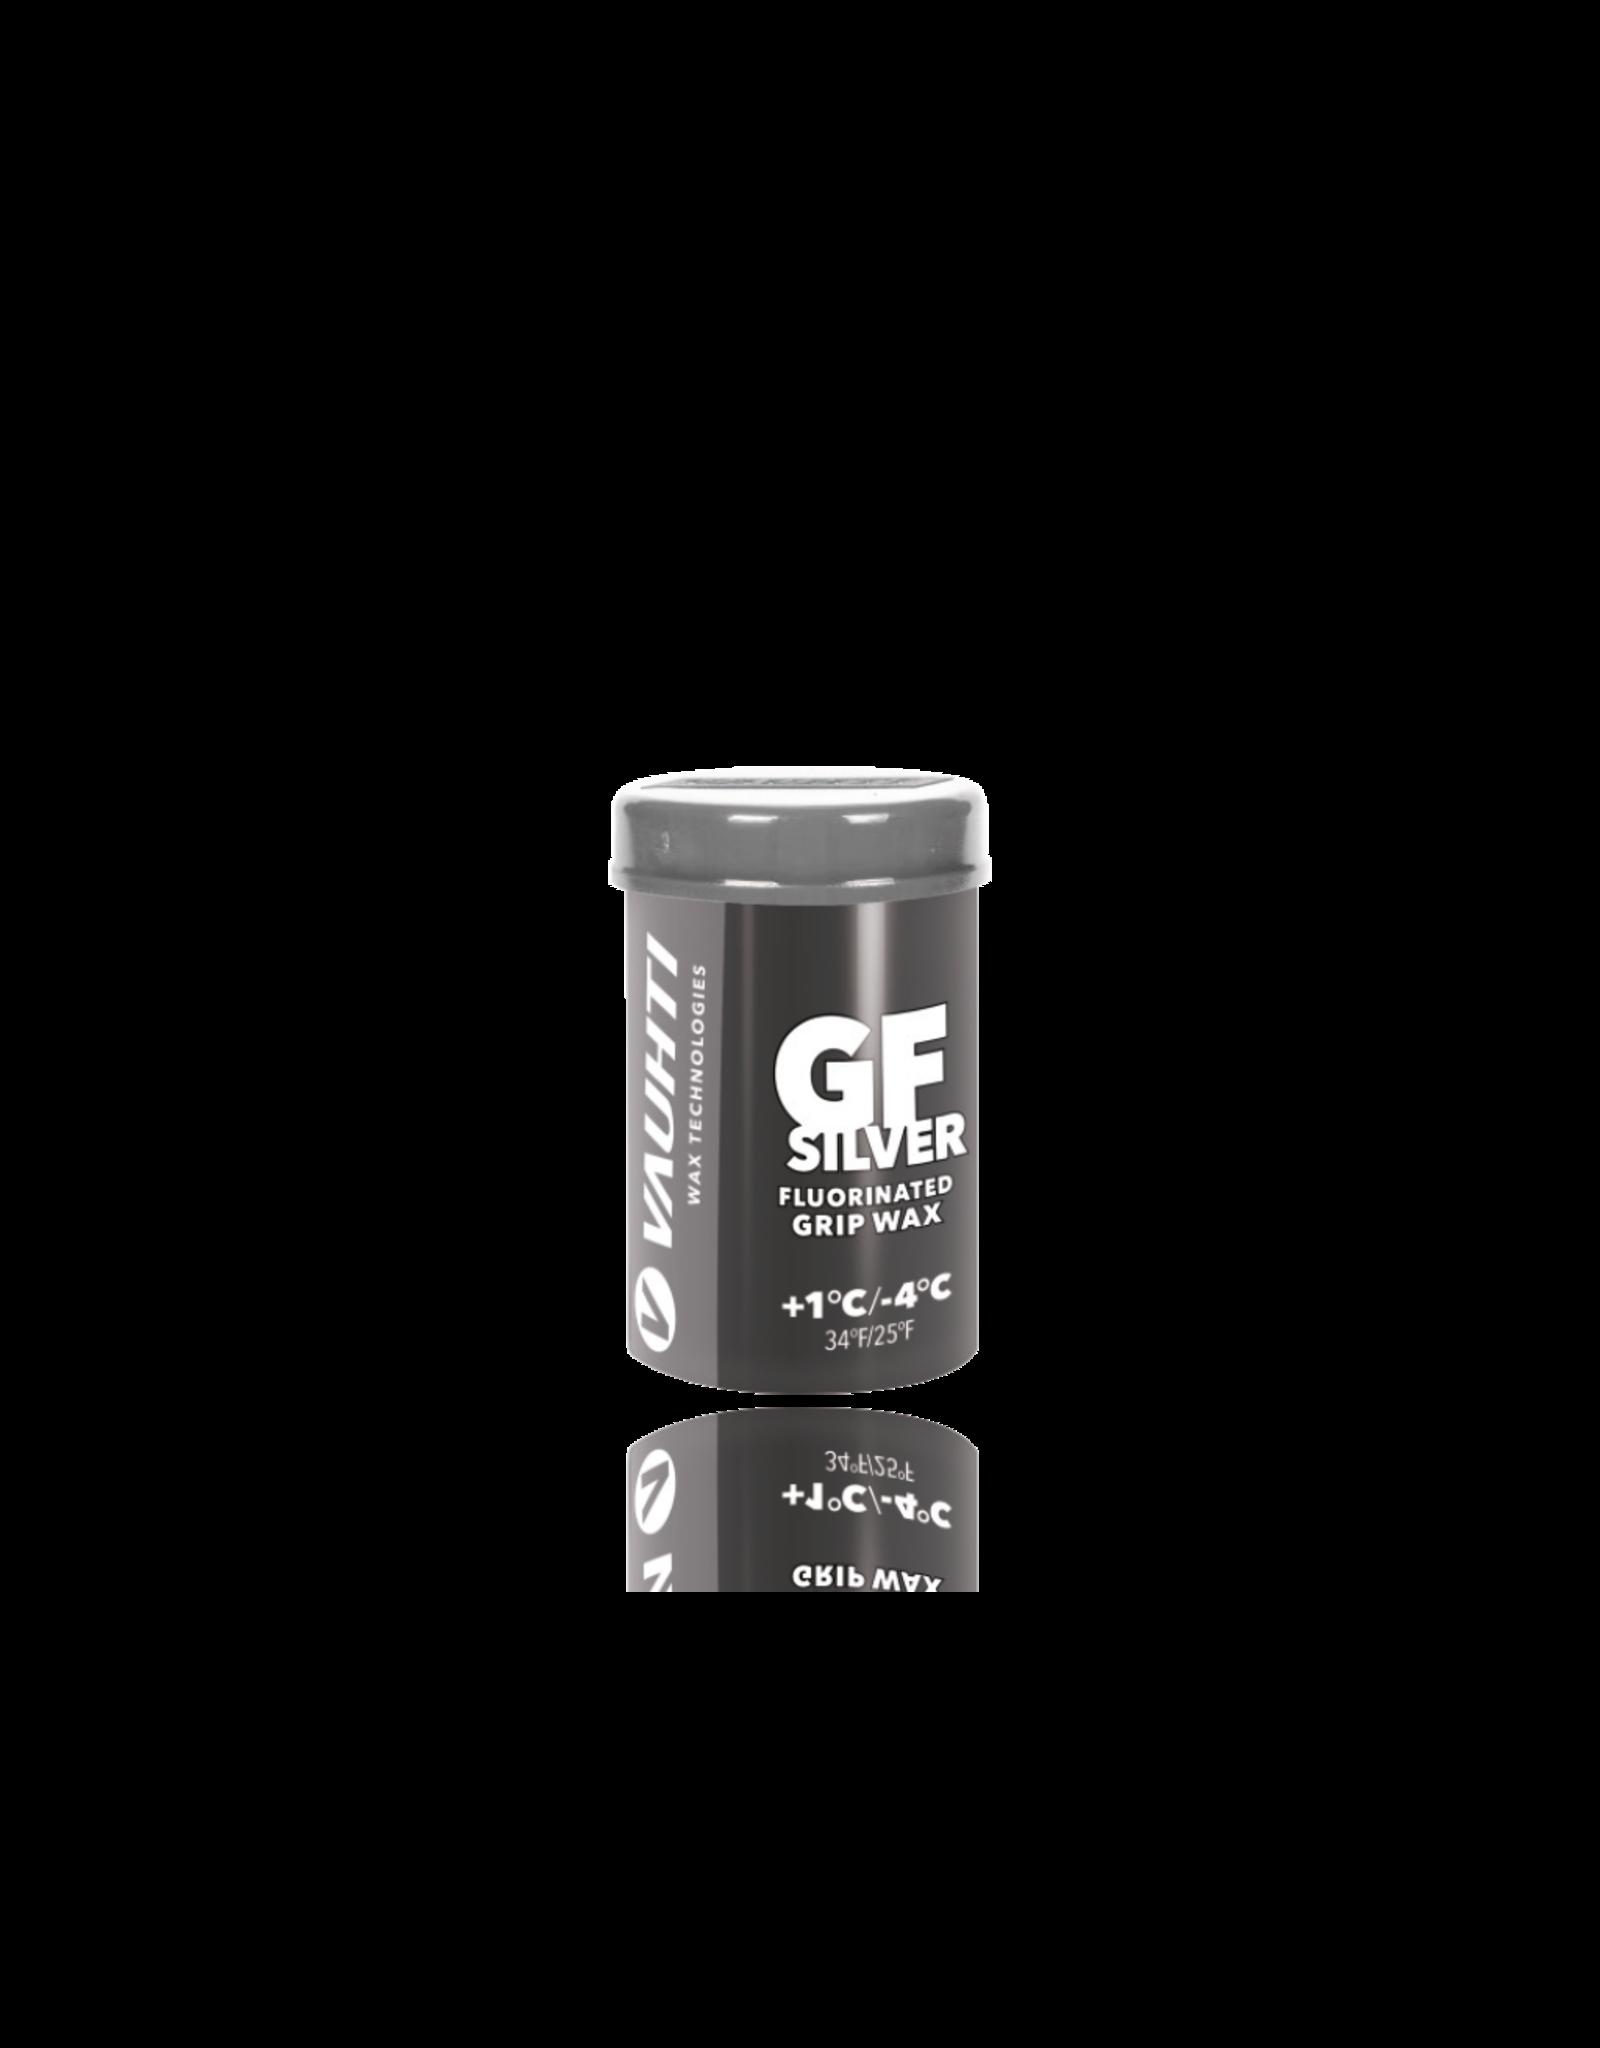 Vauhti VAUHTI, GF Silver, Grip Wax, Fluor